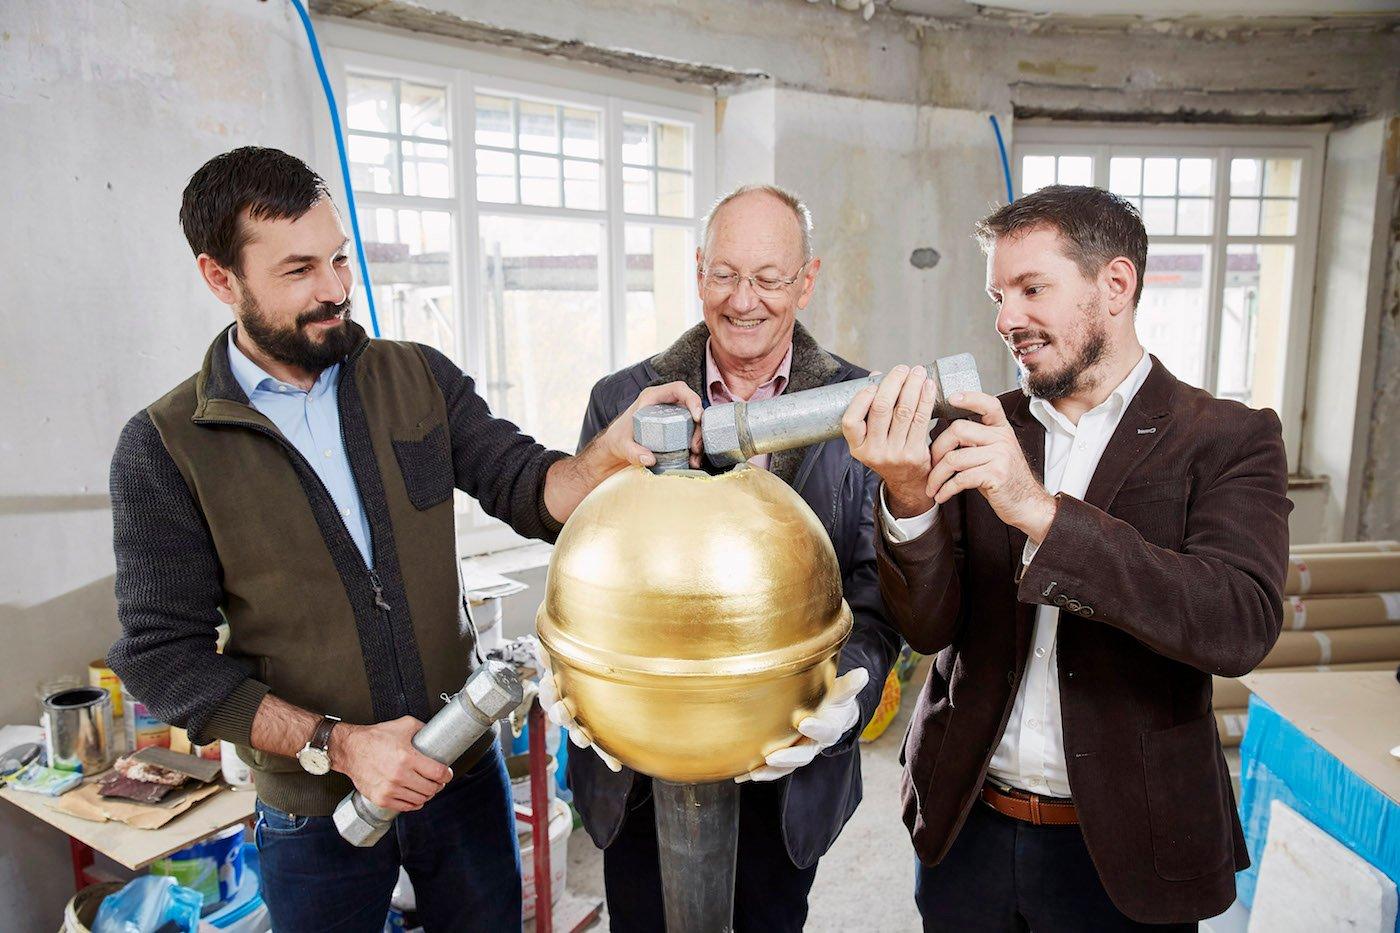 Bastian, Peter und Florian Eltschinger füllen die goldene Kugel auf der Kuppel des «Ankers» mit Erinnerungen.